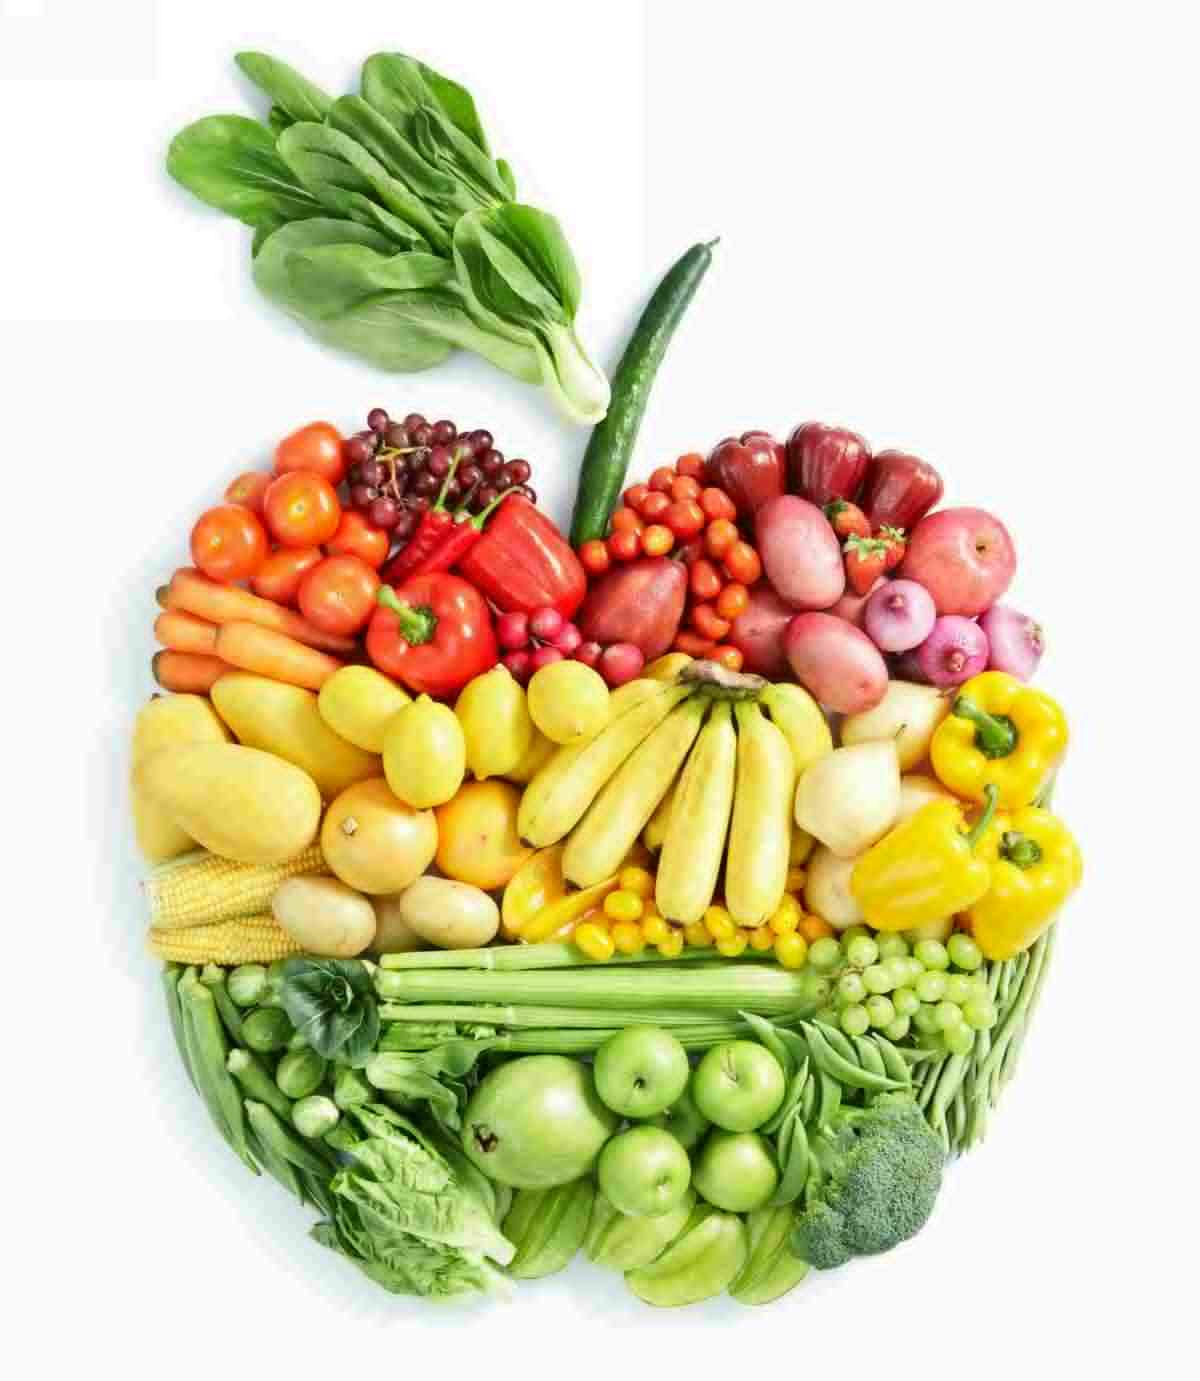 Дієта допомагає запобігти розвитку діабету у людей з ожирінням